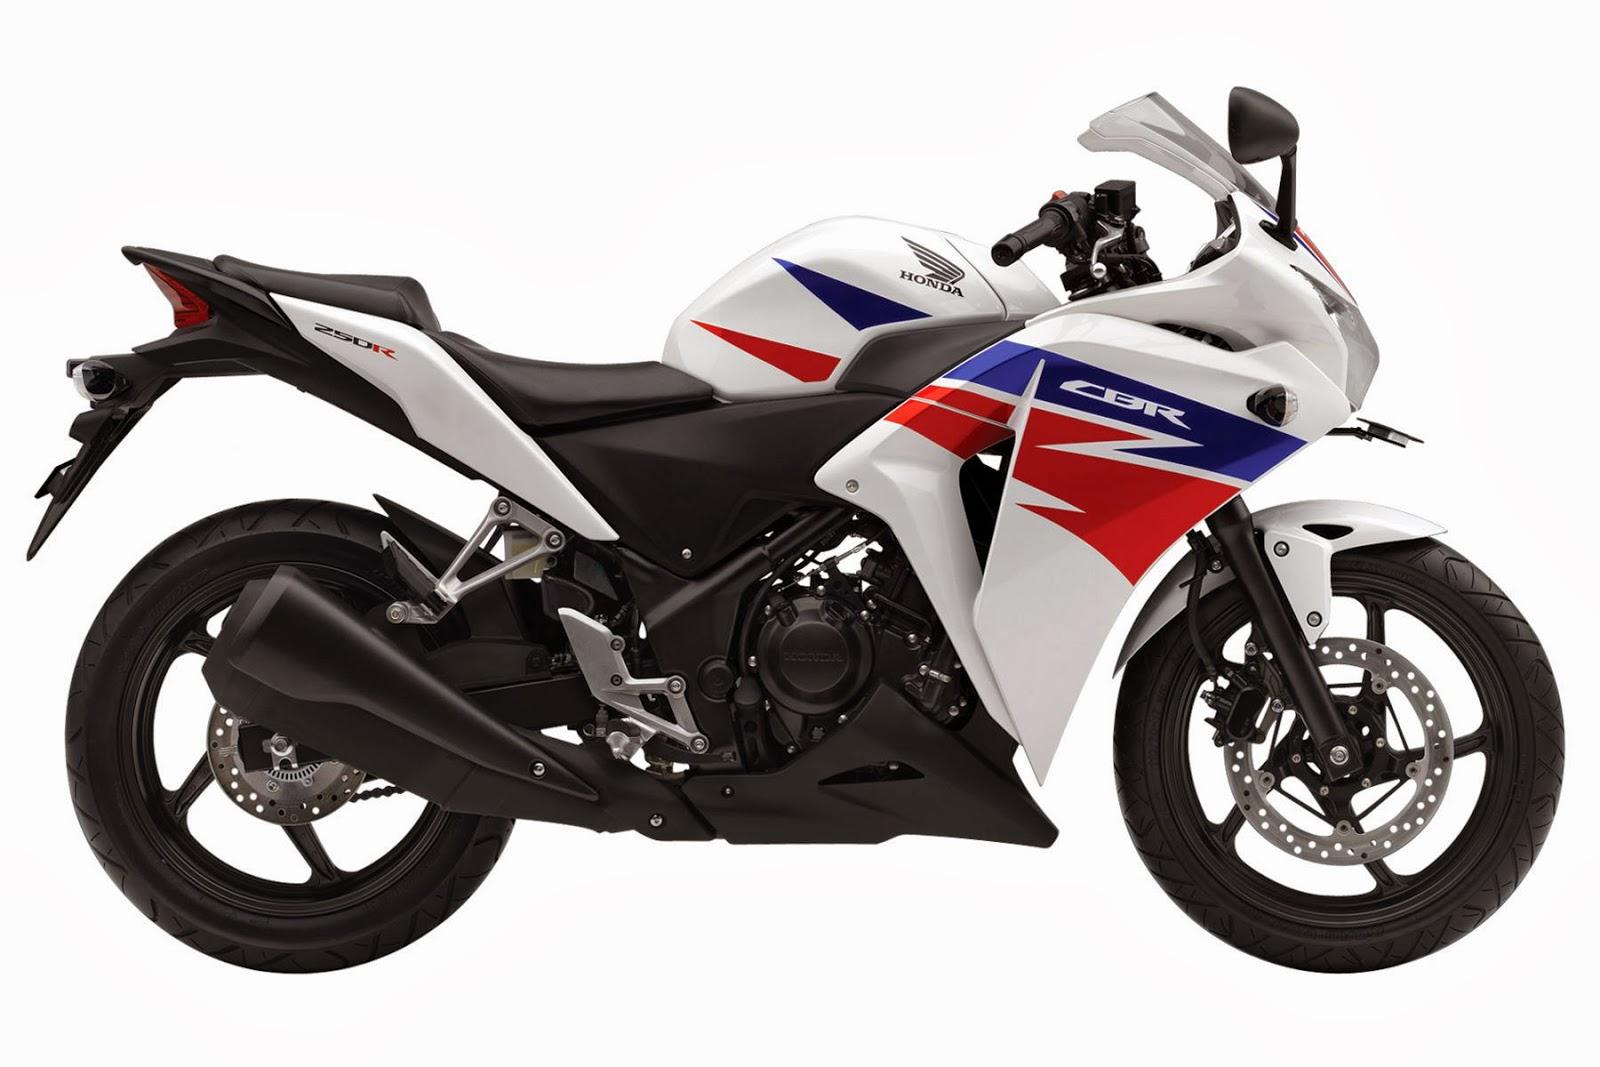 Perbandingan Yamaha Scorpio Vs Honda CBR 250